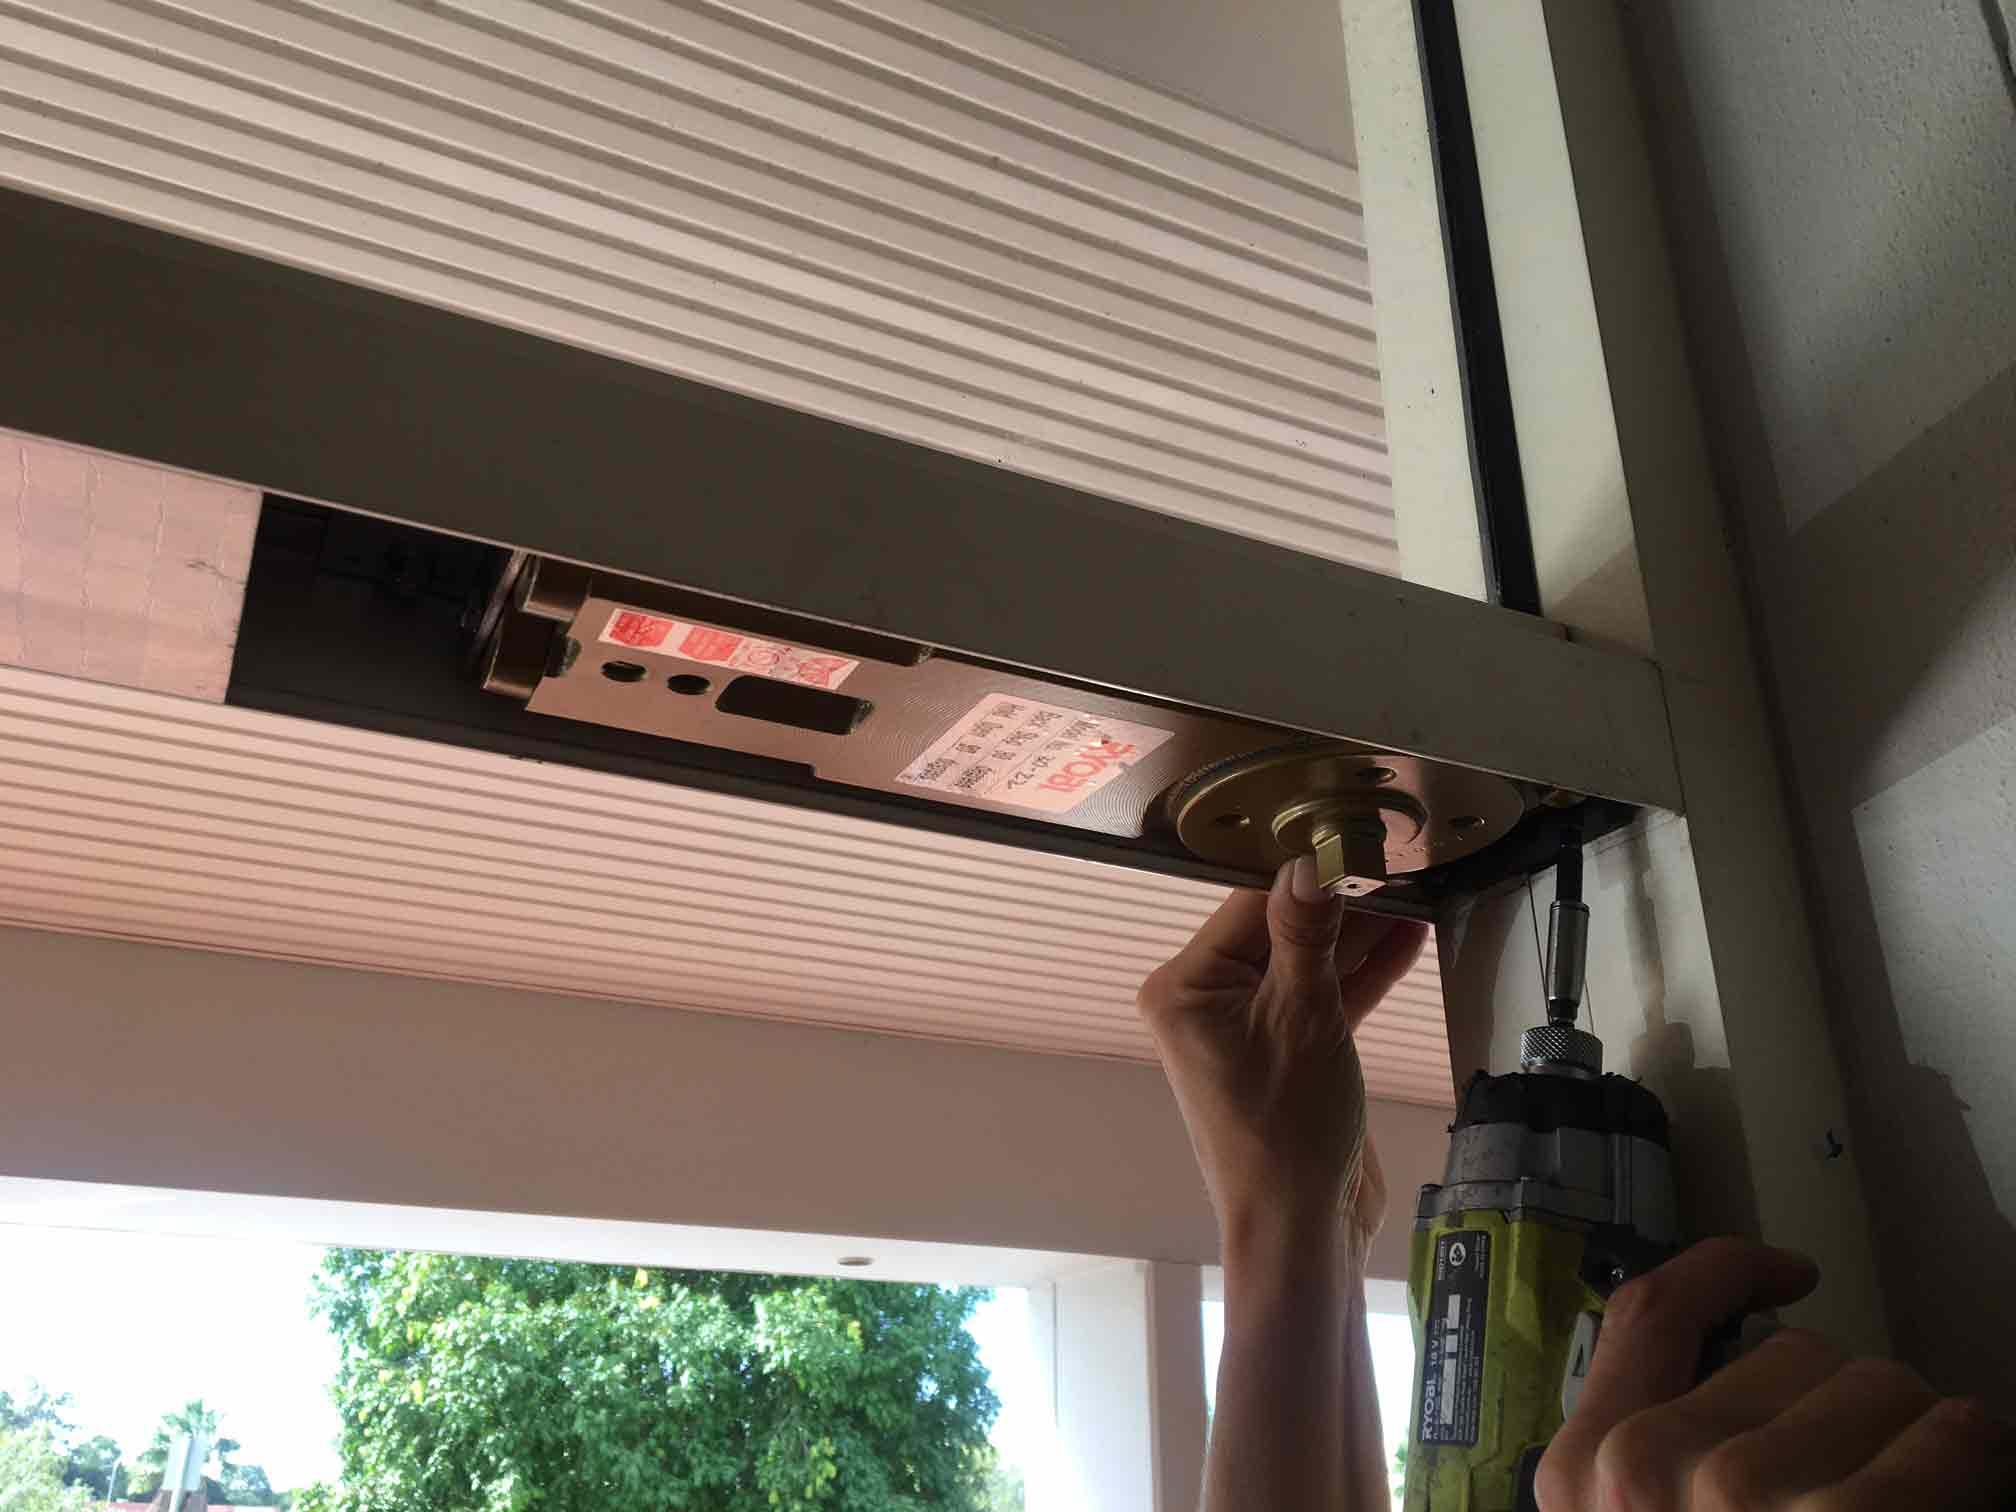 working on door controls